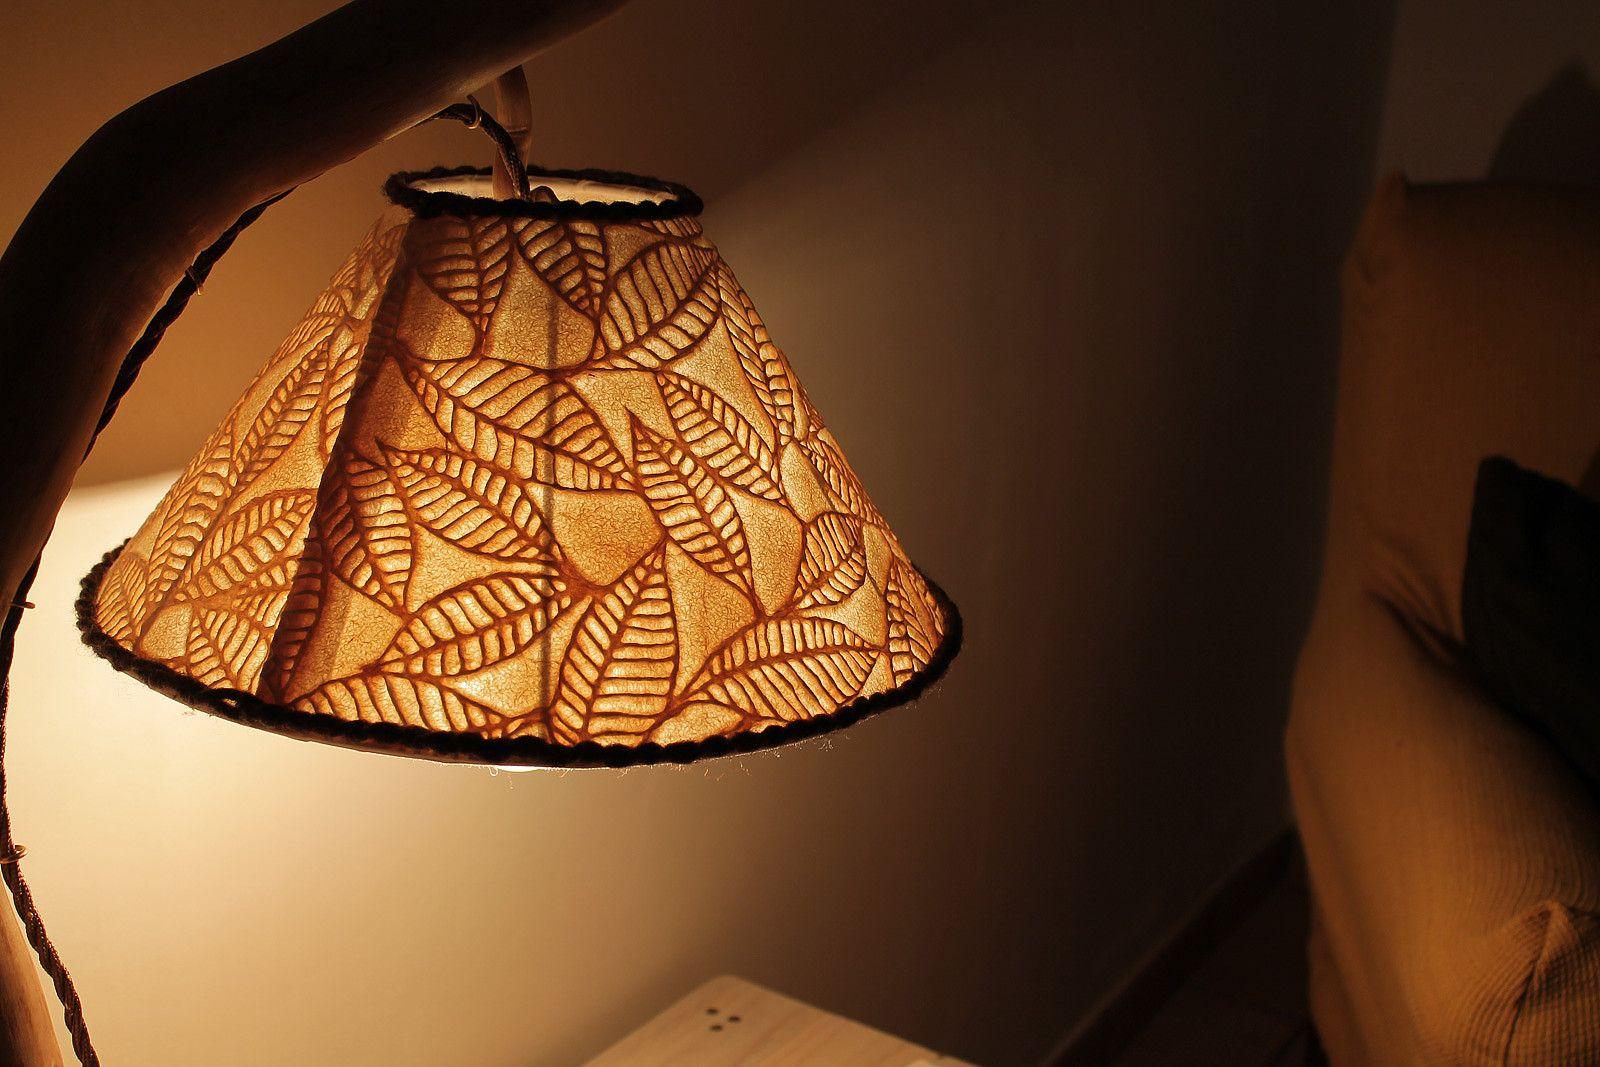 Lampade In Legno Di Mare : Lampada con legni del mare giuseppe quercia arte